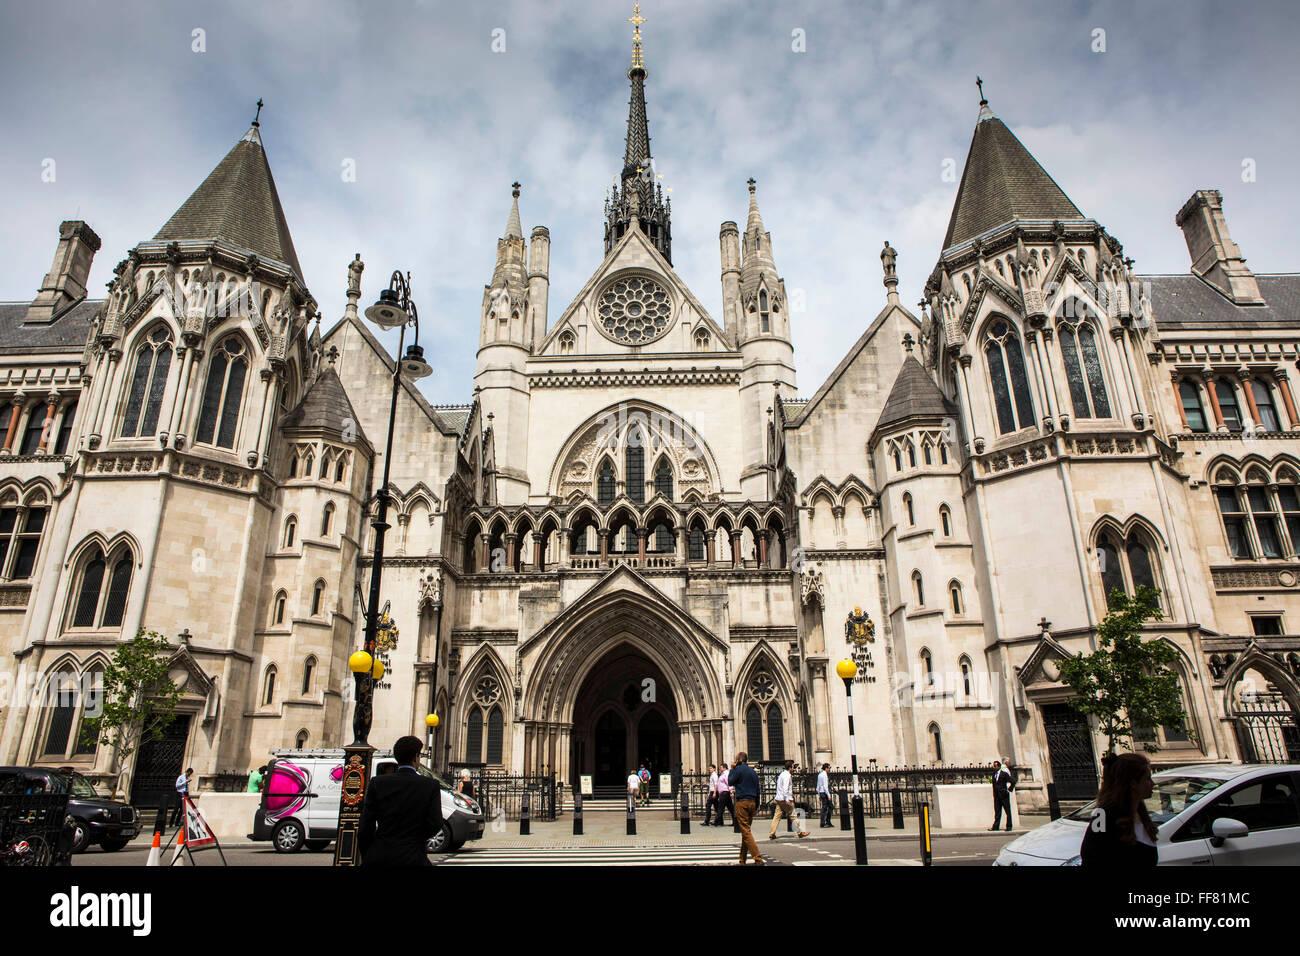 Las Cortes Reales de Justicia, comúnmente llamados los Tribunales, es un edificio de la Corte de Londres, que alberga Foto de stock